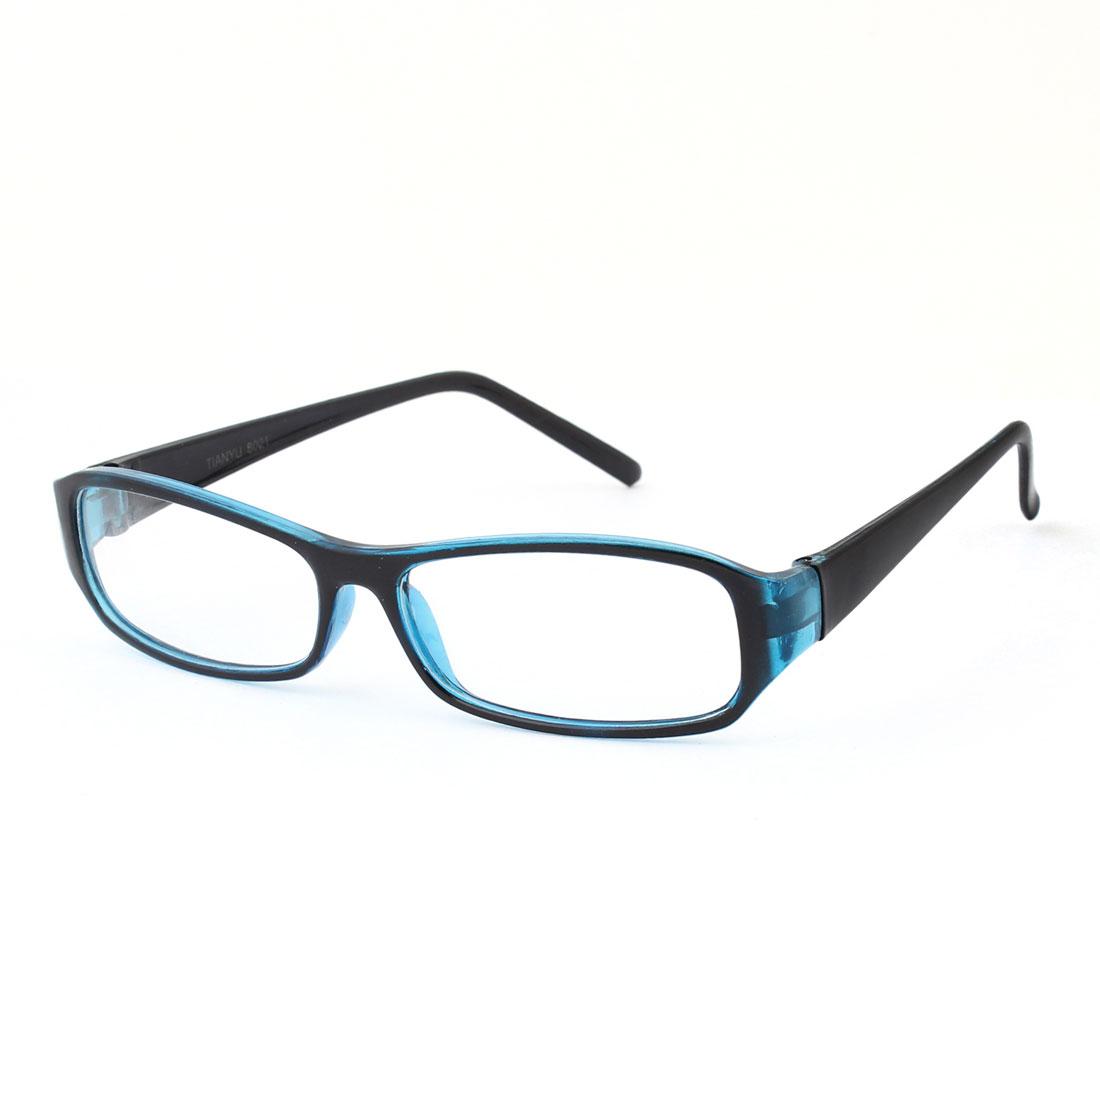 Unisex Plastic Arms Black Blue Full Frame Clear Lens Plain Eyeglasses